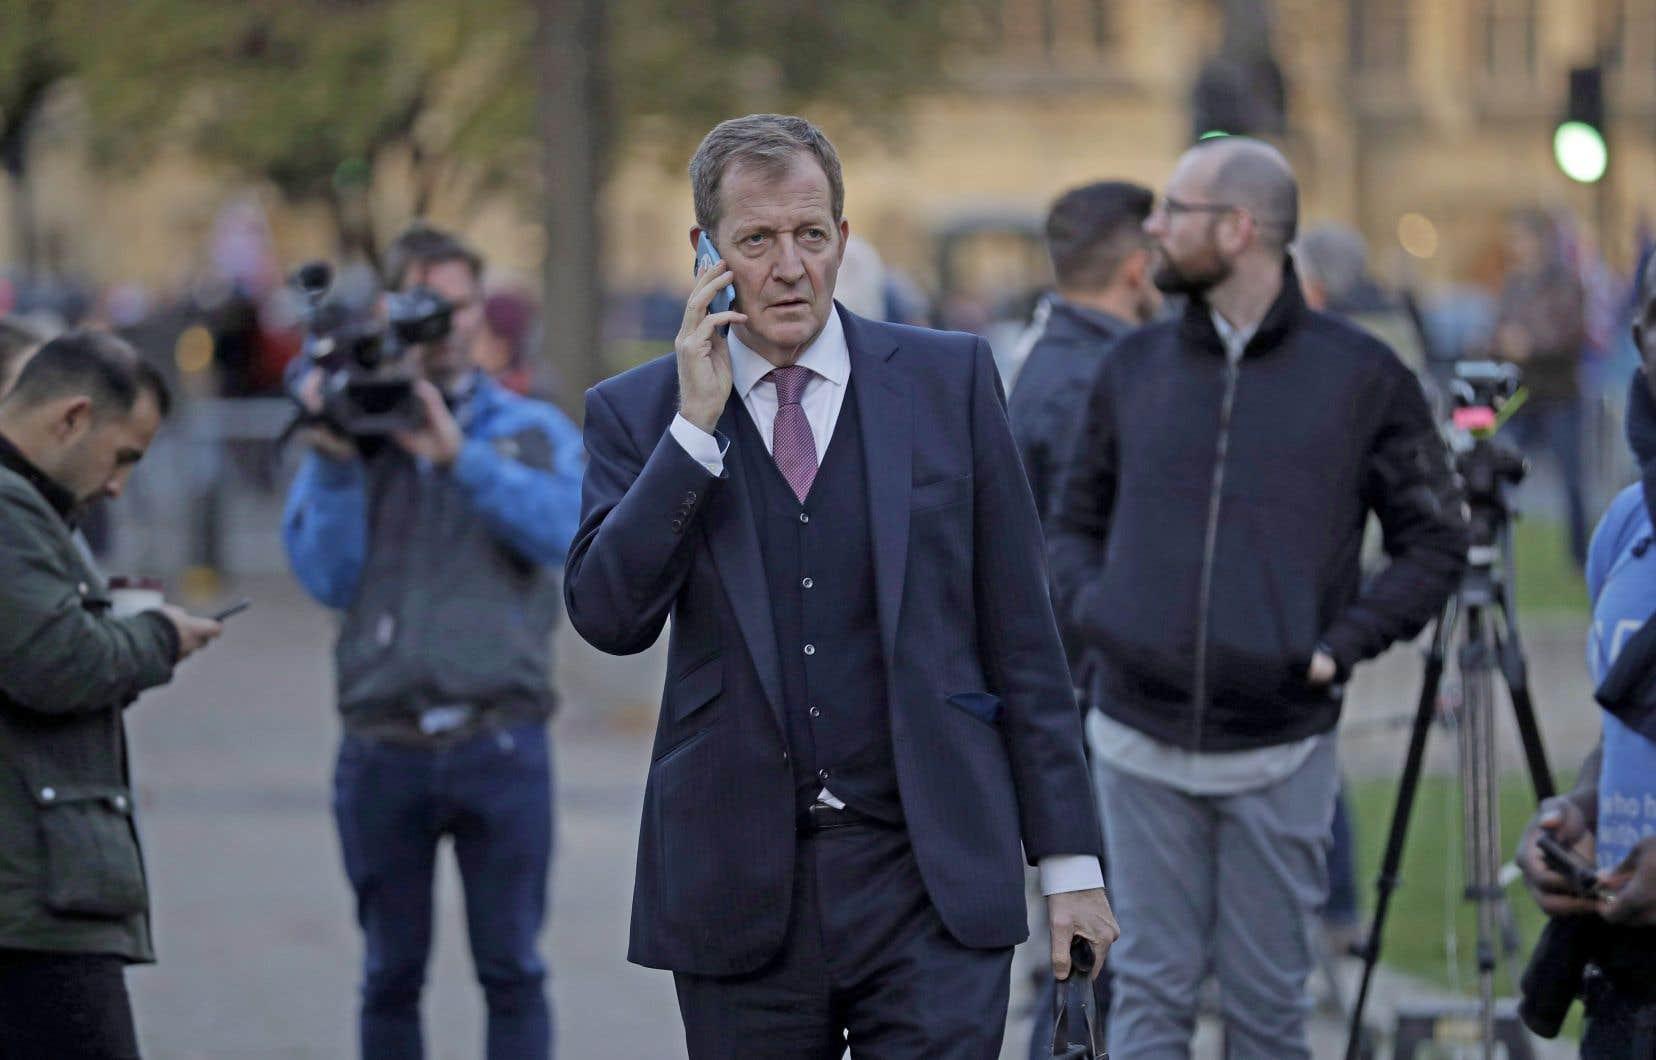 Alastair Campbell, ex-conseiller stratégique de Tony Blair, croit que l'extention du délai de sortie du Royaume-Uni de l'Union européenne doit servir à convaincre les Britanniques qu'ils ont été trompés par les ténors du Brexit.